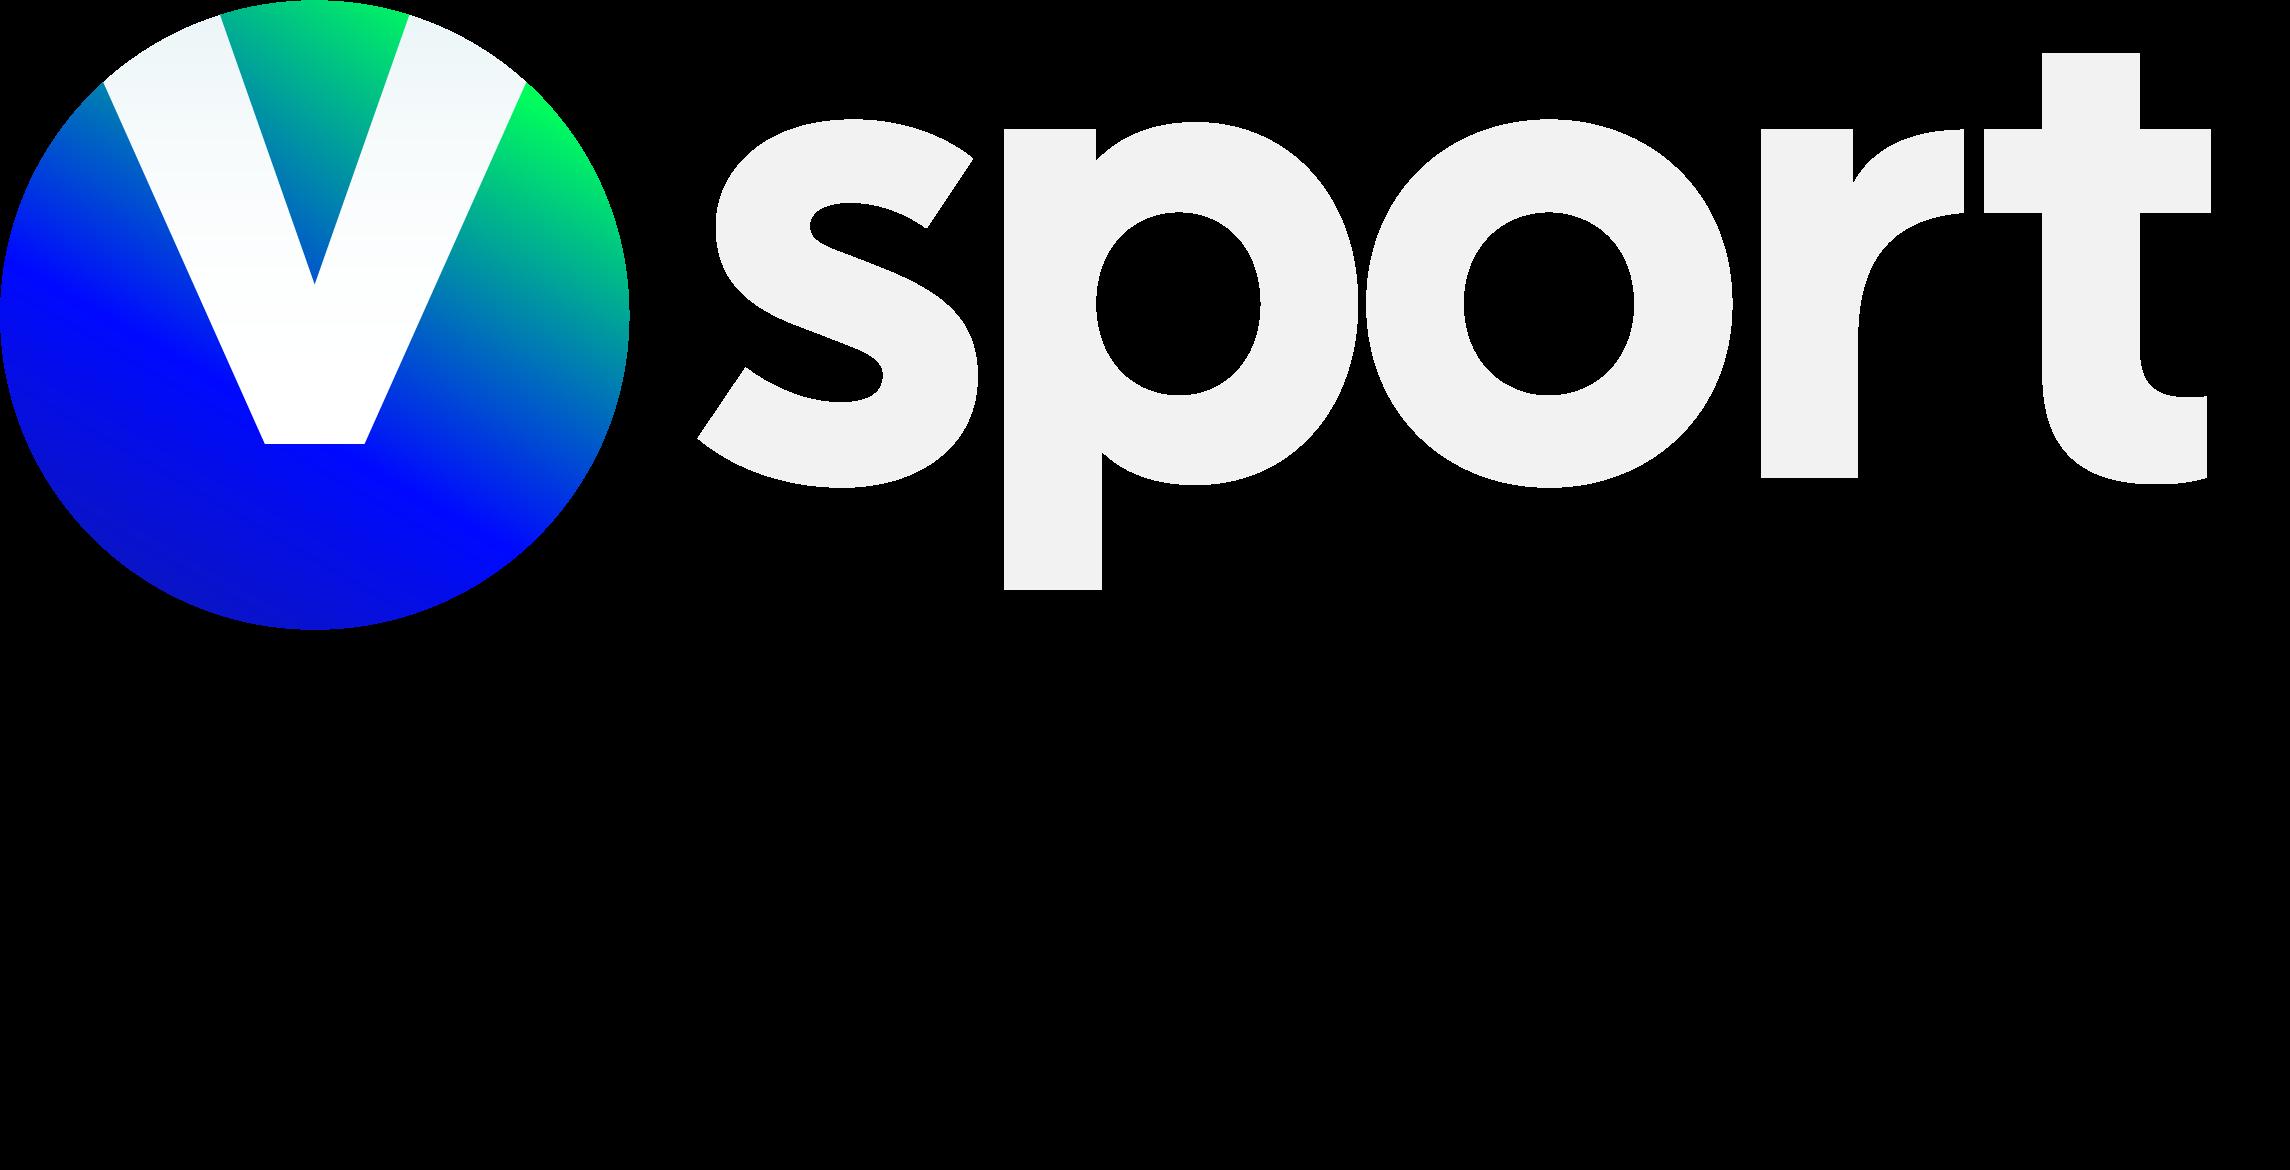 VSport_Logo_Hori_RGB_neg